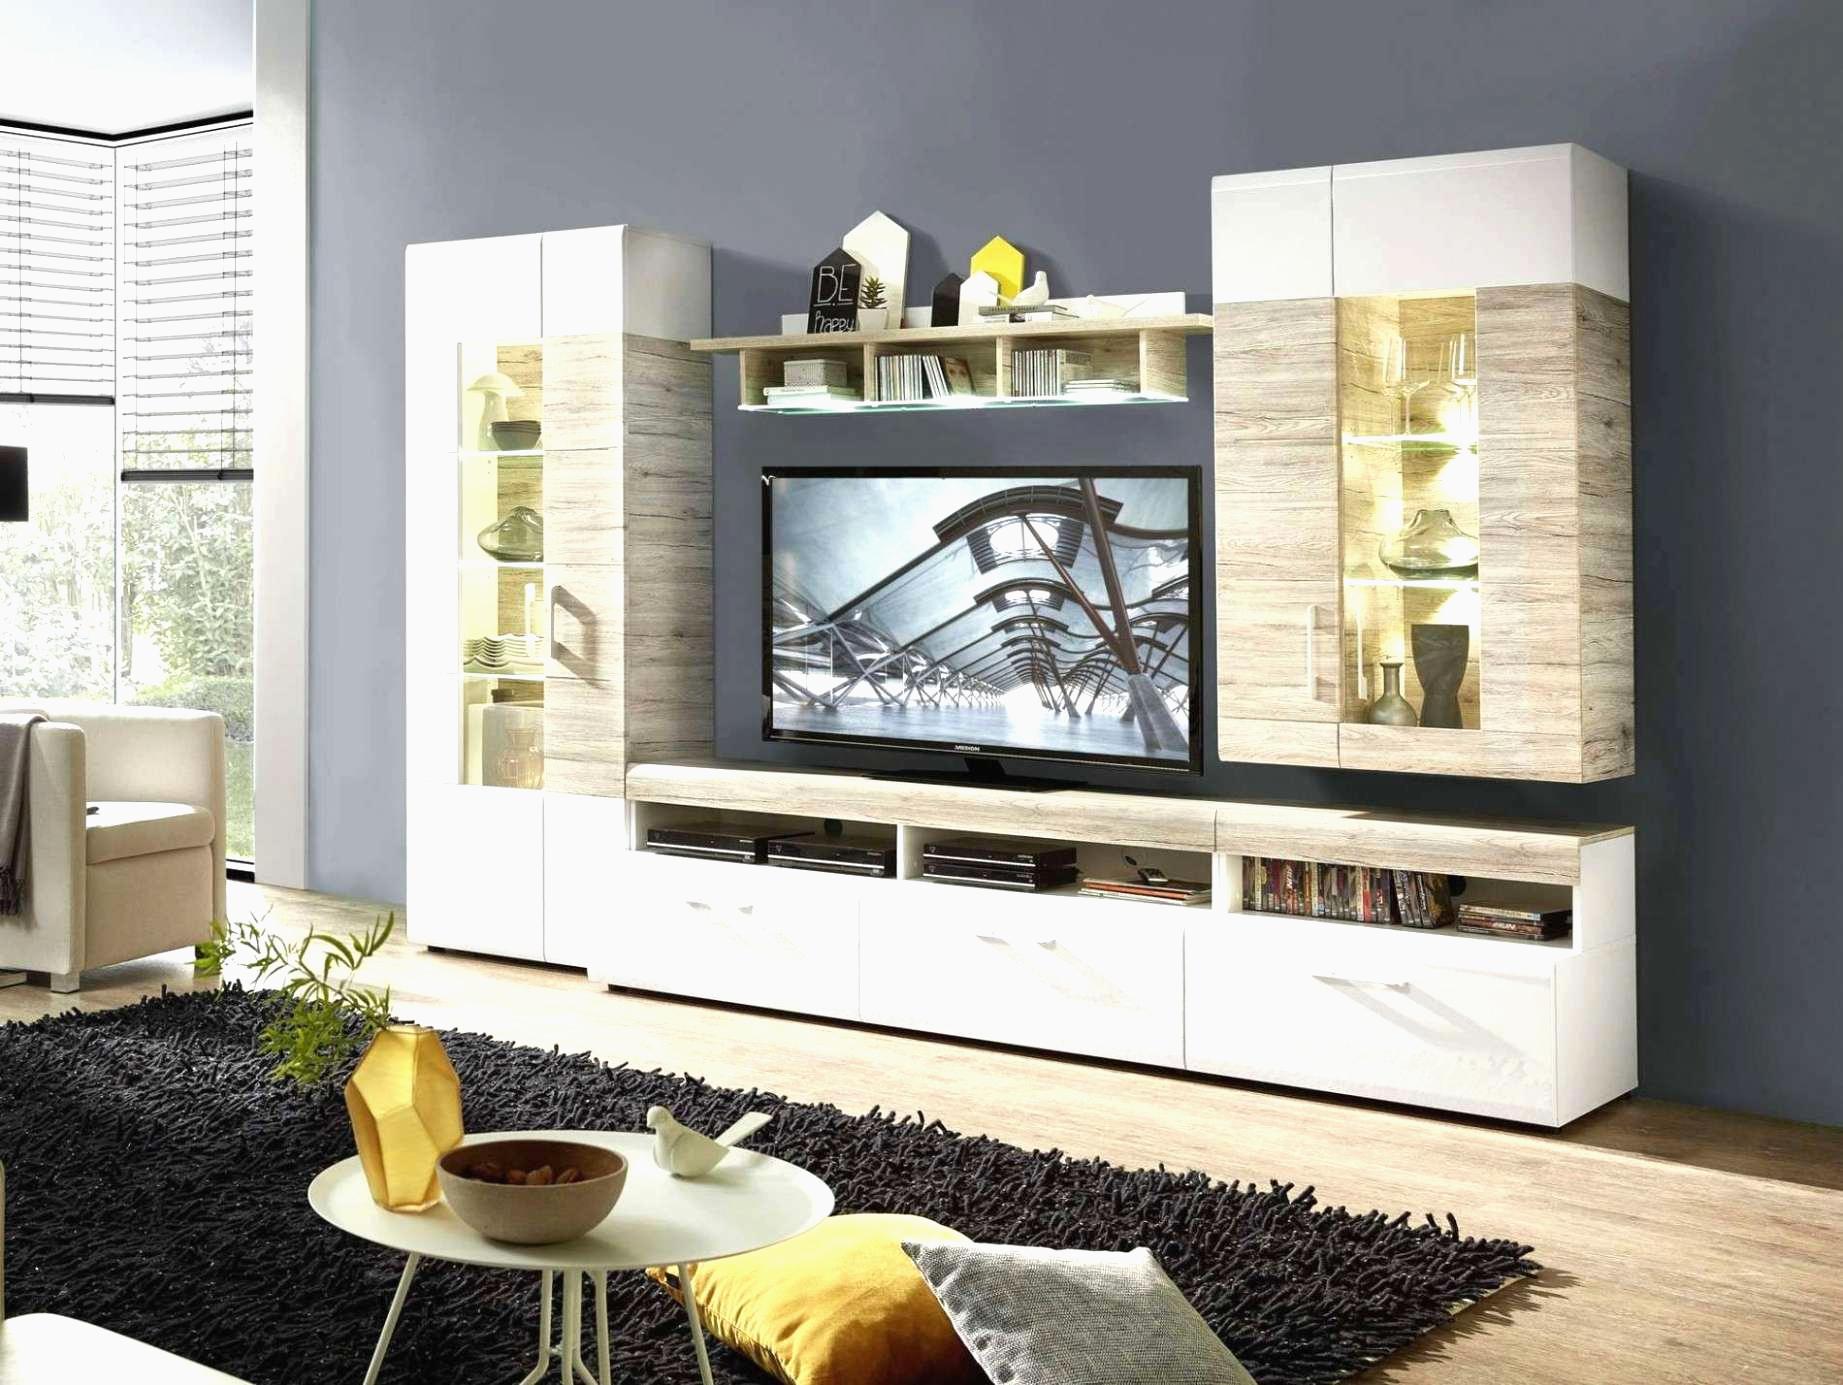 wohnzimmer schrankwand modern inspirierend leonardo wohnwand 0d 35a04g ideen of dekoration wohnzimmer modern